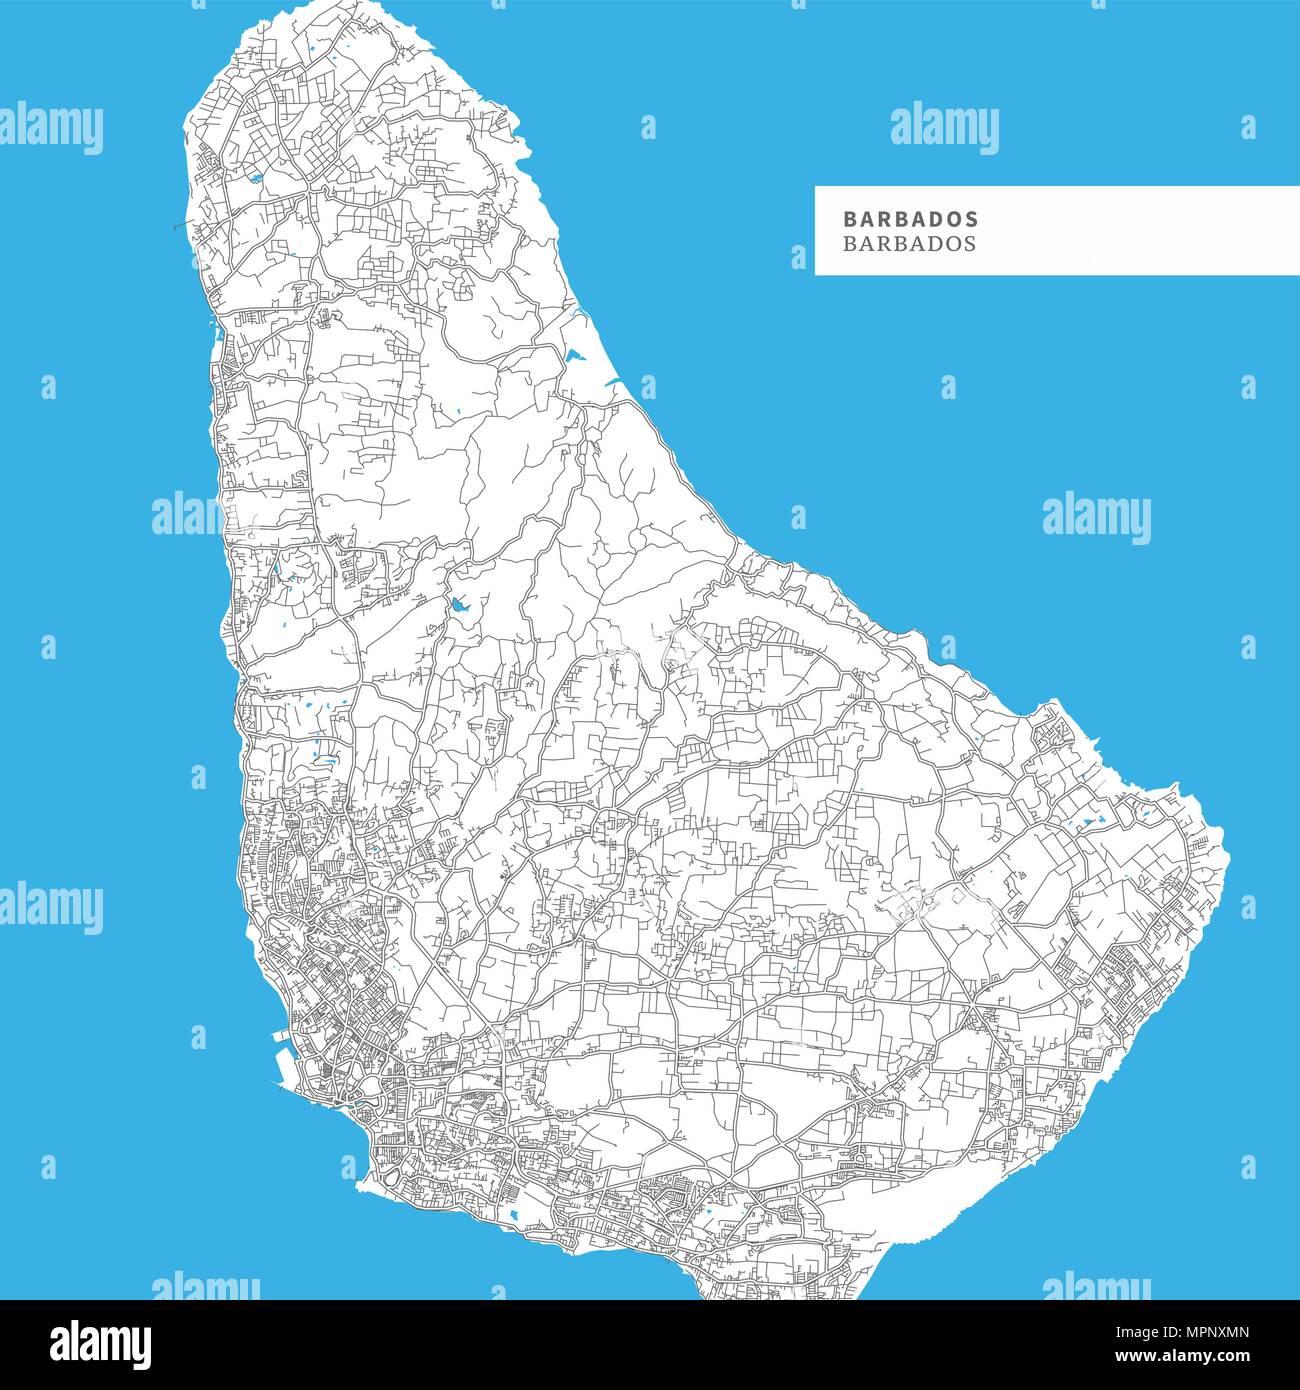 Karte Island Drucken.Barbados Drucken Karte Stockfotos Barbados Drucken Karte